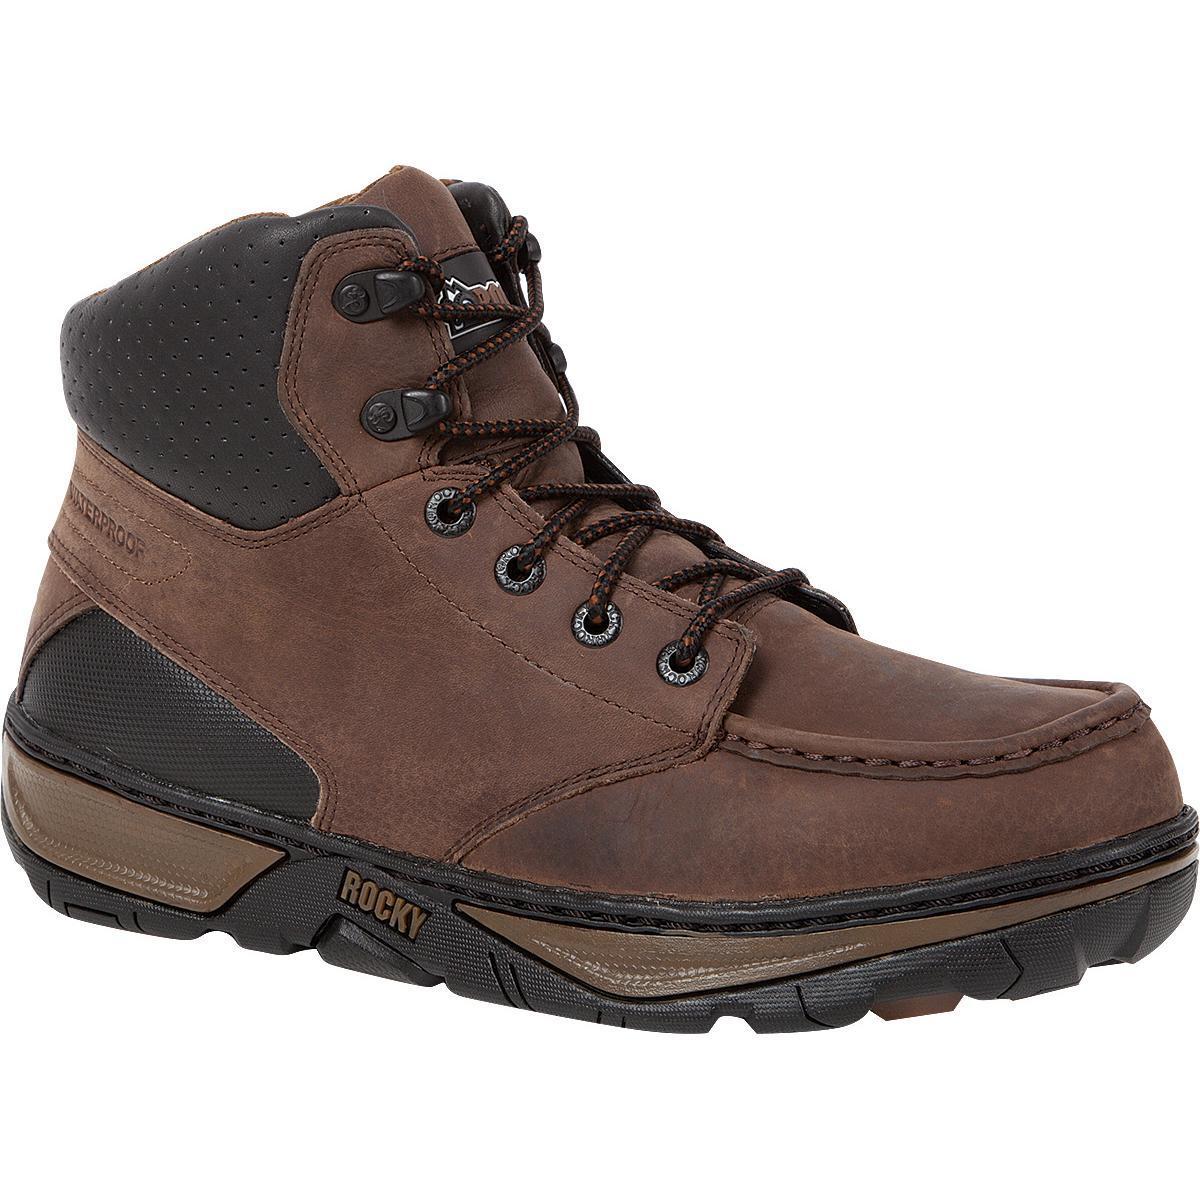 Rocky Forge Steel Toe Moc Toe Waterproof Work Boot, , large